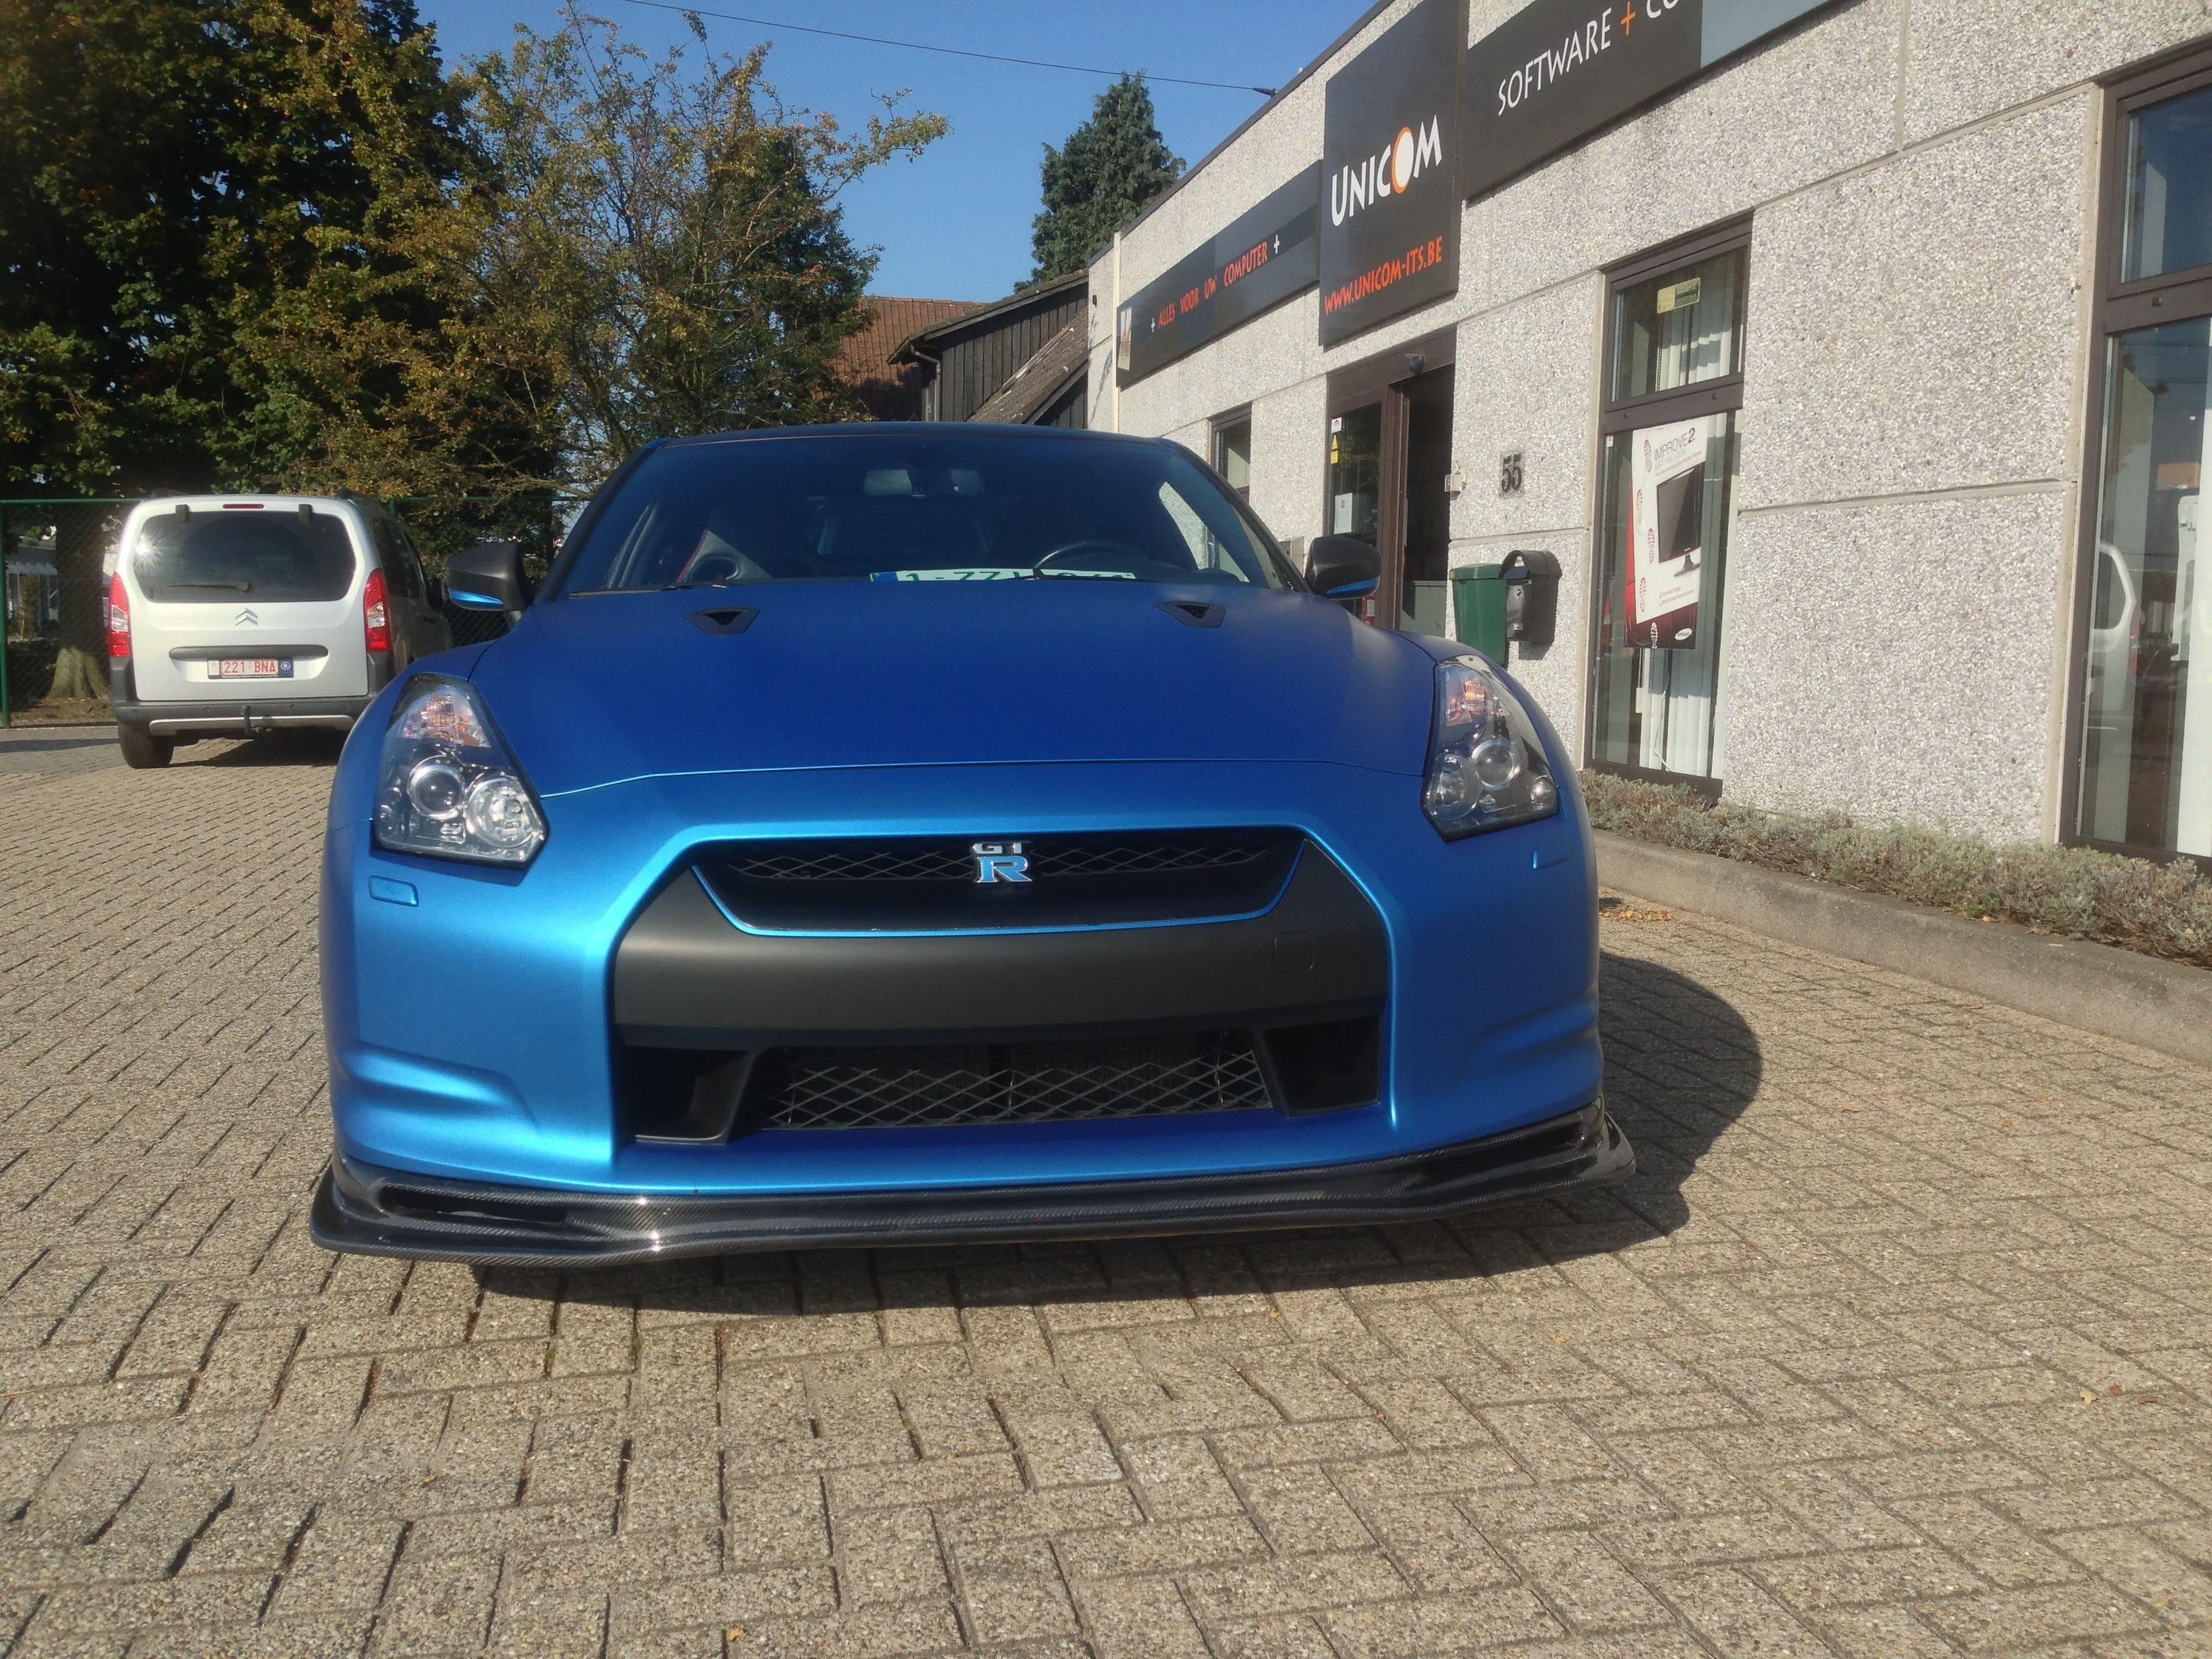 Nissan GT-R in Mat Blauwe Wrap, Carwrapping door Wrapmyride.nu Foto-nr:6533, ©2021